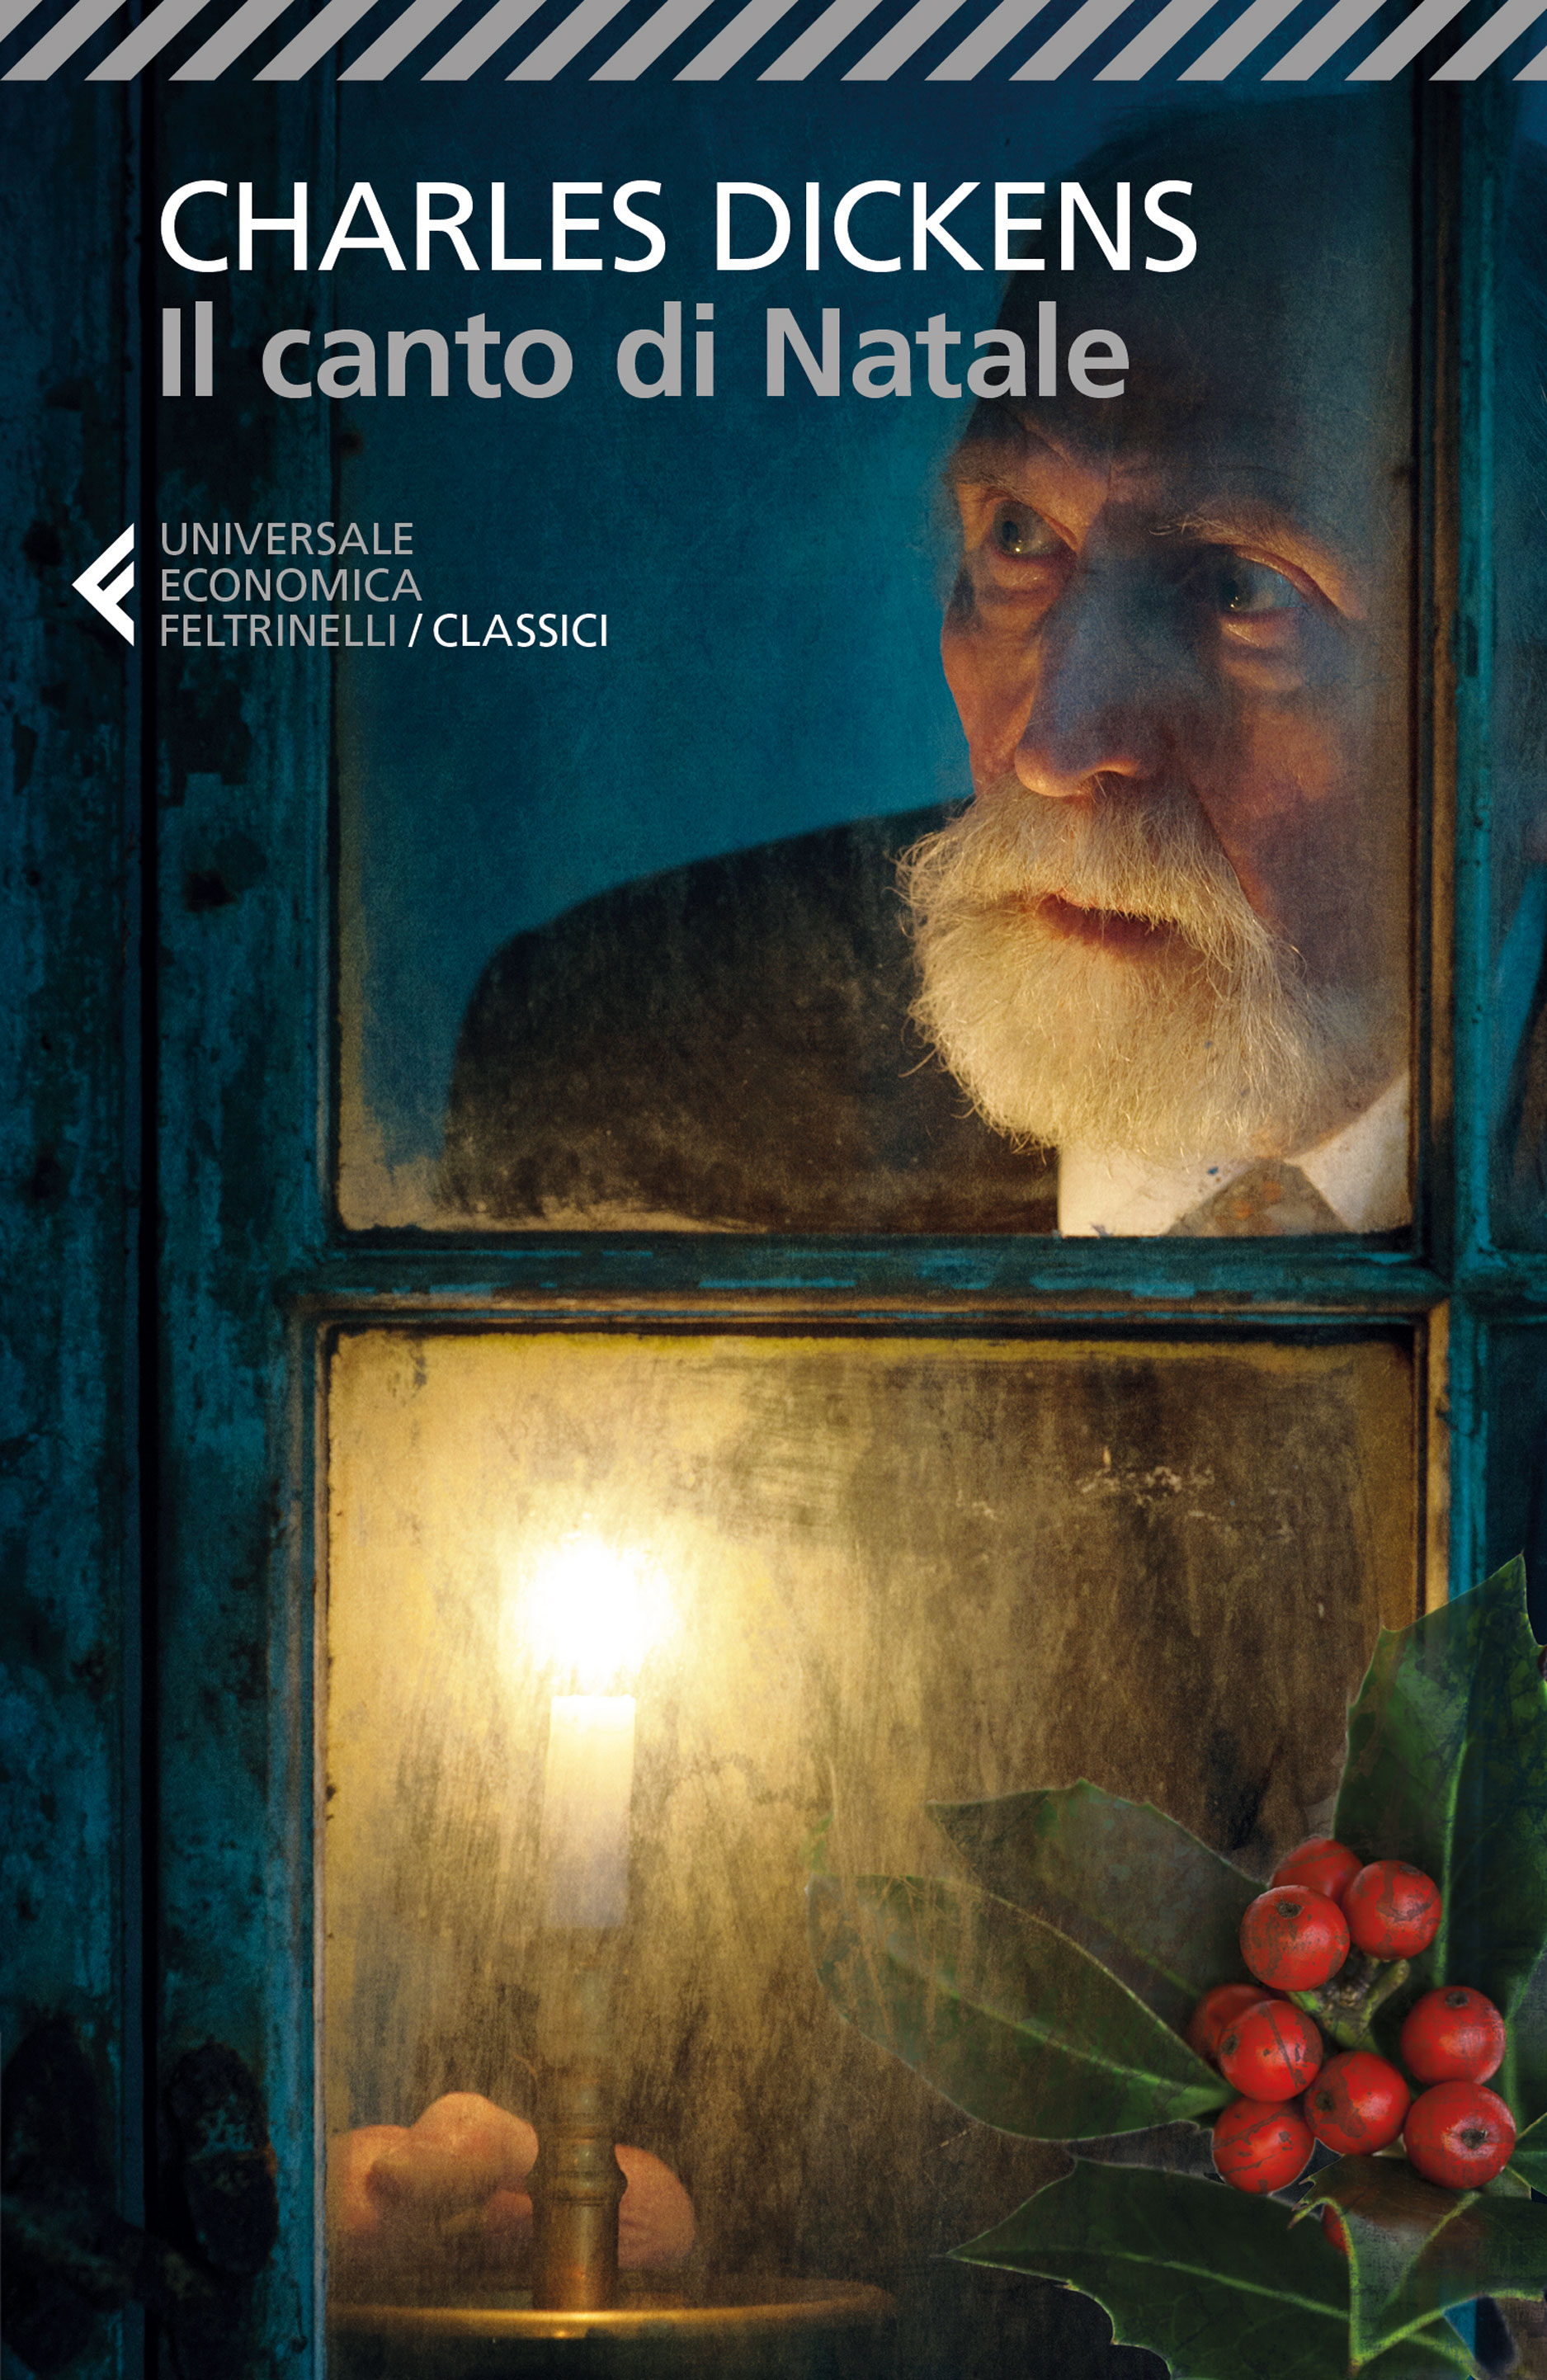 Canto Di Natale Immagini.I Libri Di Momo Recensione Canto Di Natale Di Charles Dickens